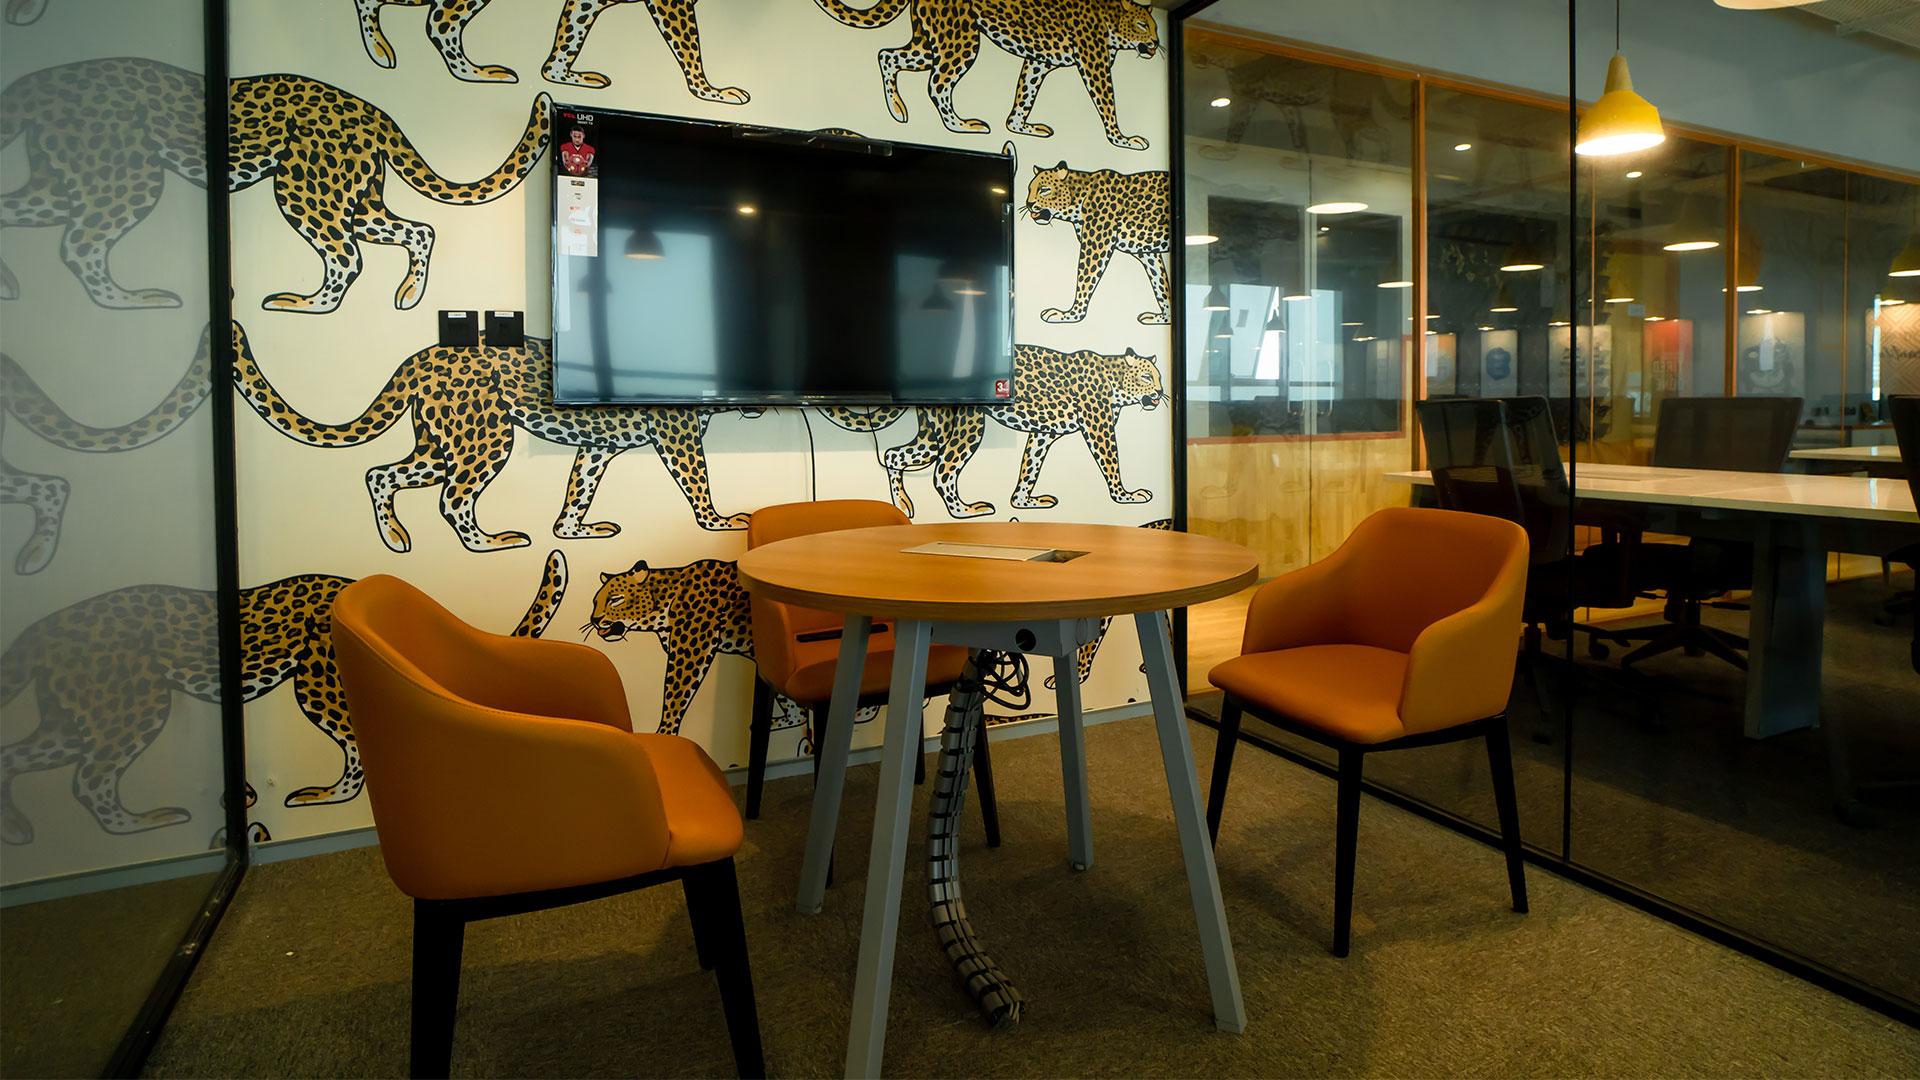 Meeting-Rooms-in-WeGrow-Business-Facilitators